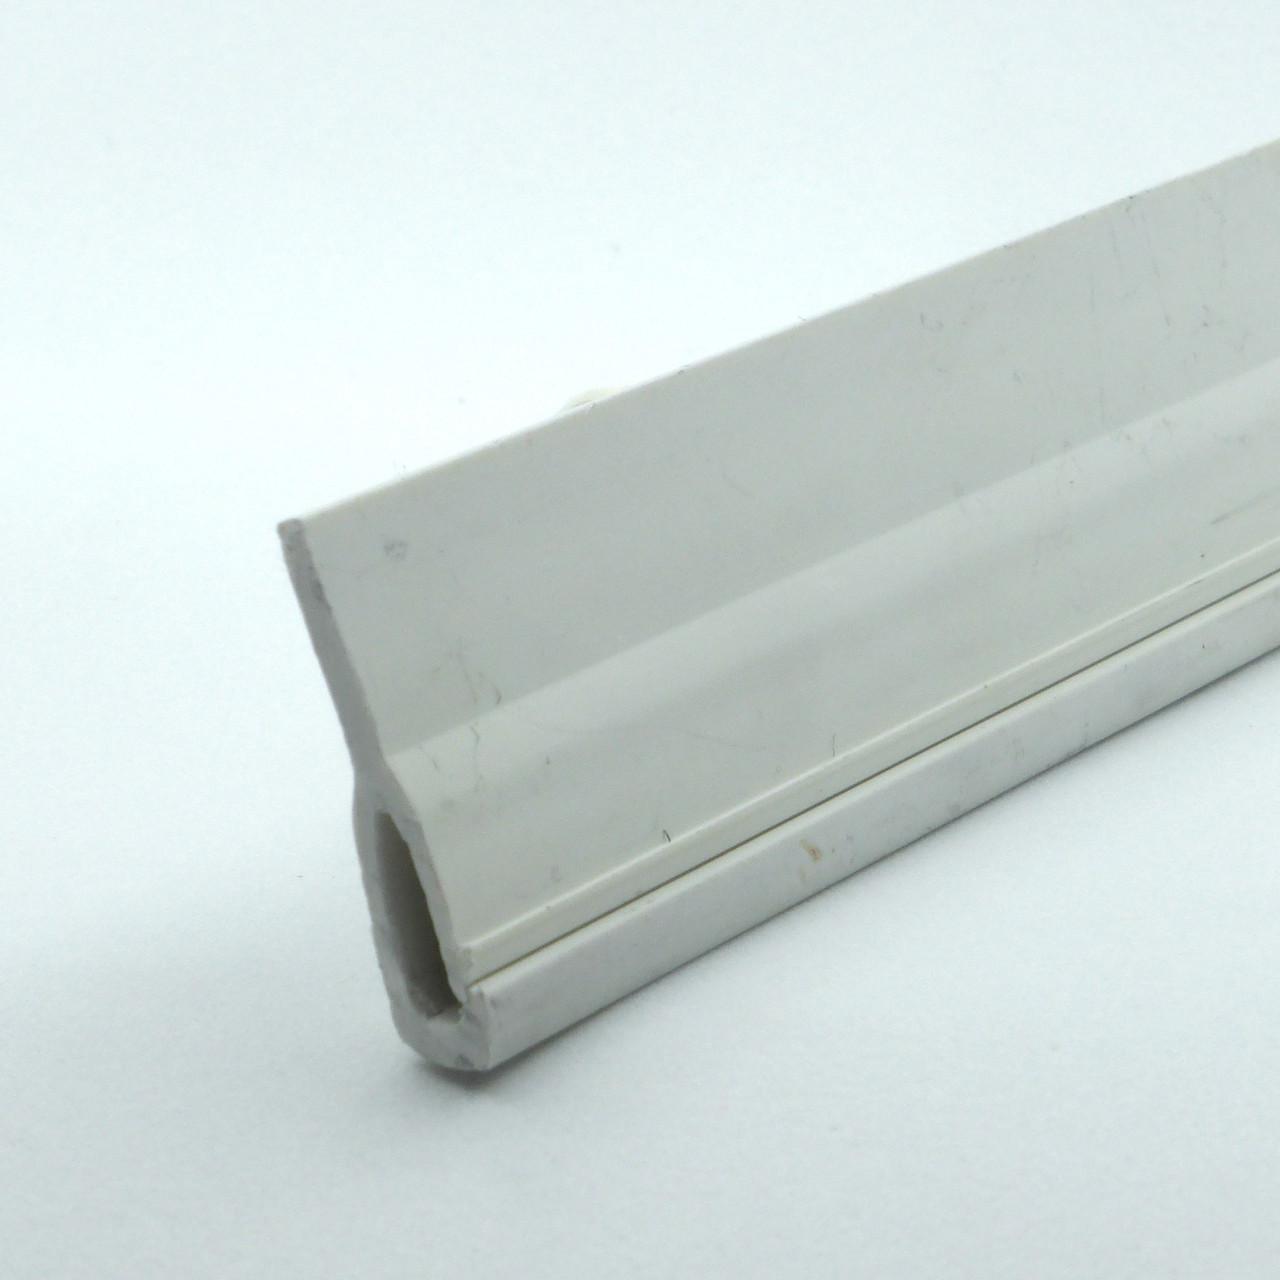 Профиль пластиковый - безгарпунная система (потолочный). Длина профиля 2 м.